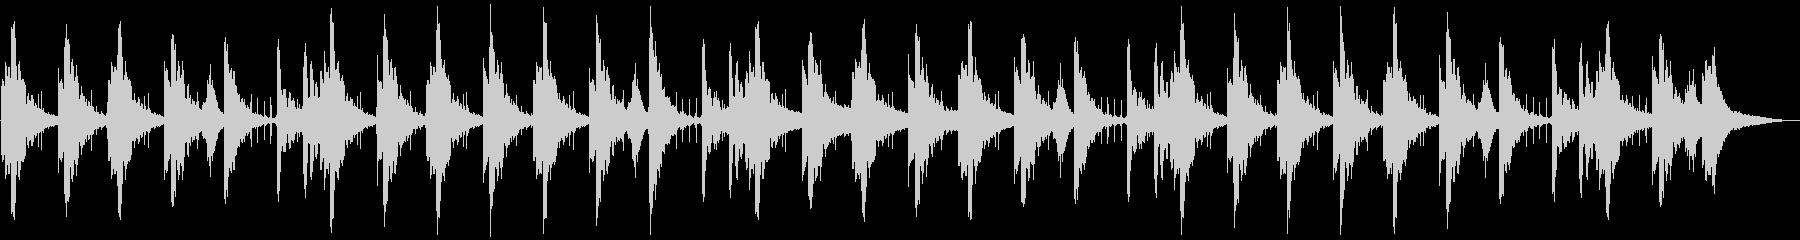 ヒーリングミュージックの未再生の波形